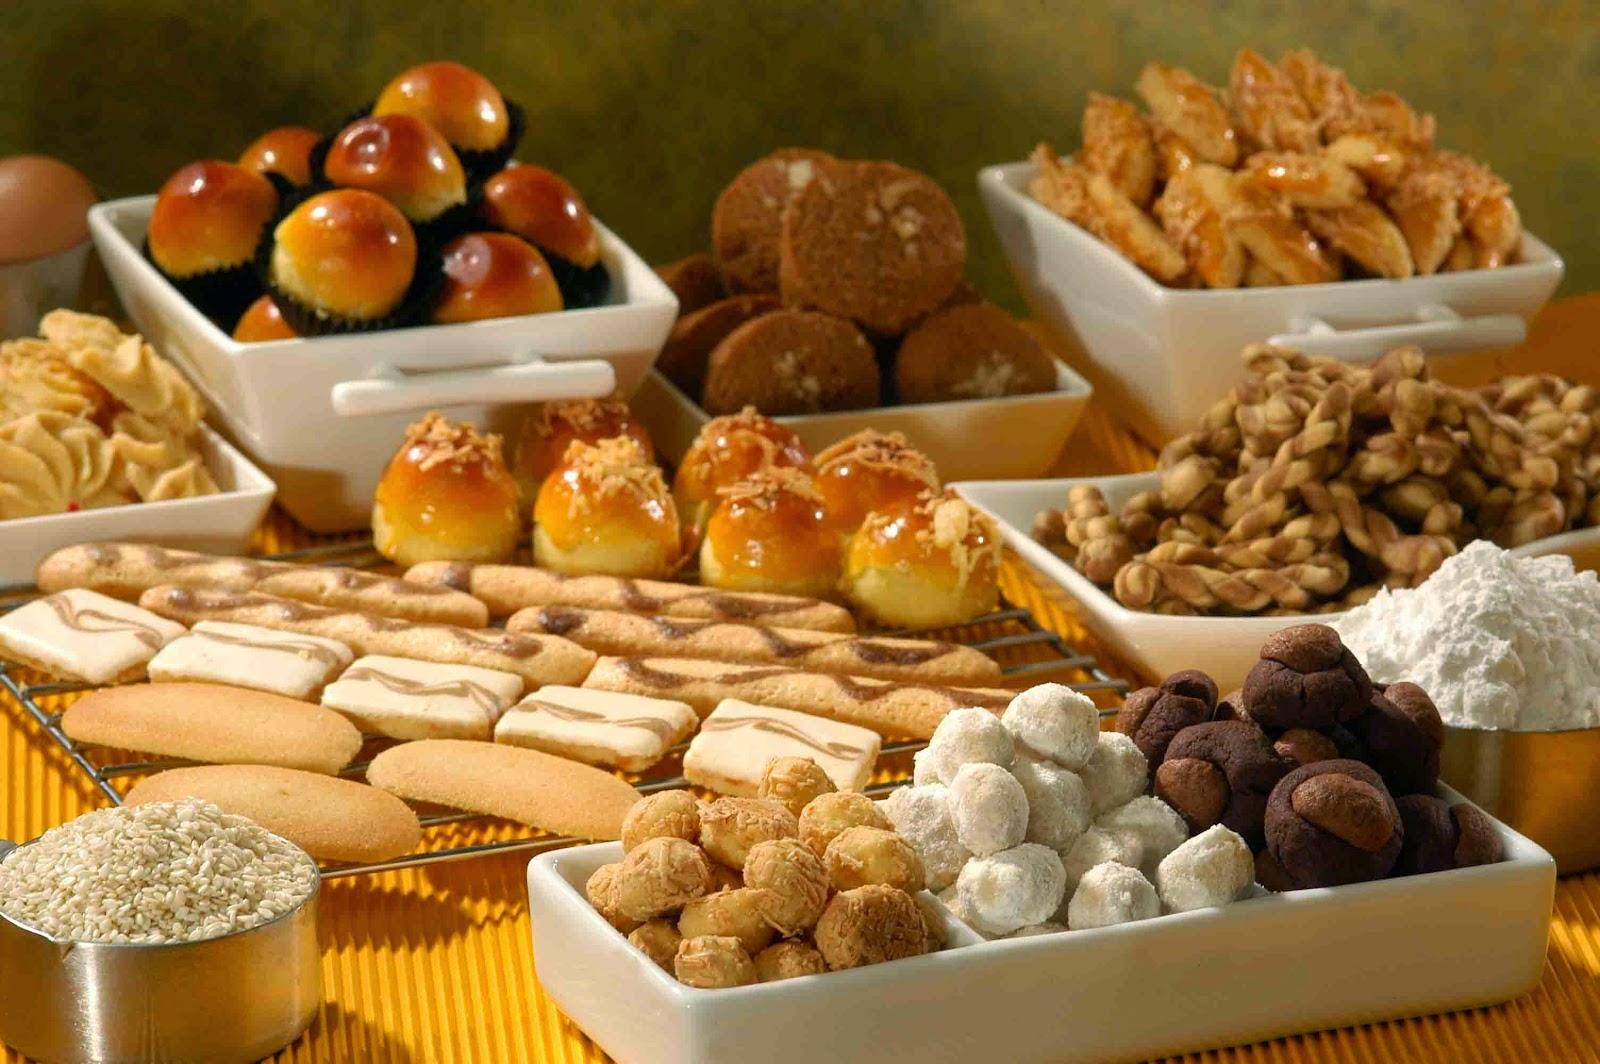 Kemanisan Makanan Penutup Khas Negara Timur Tengah